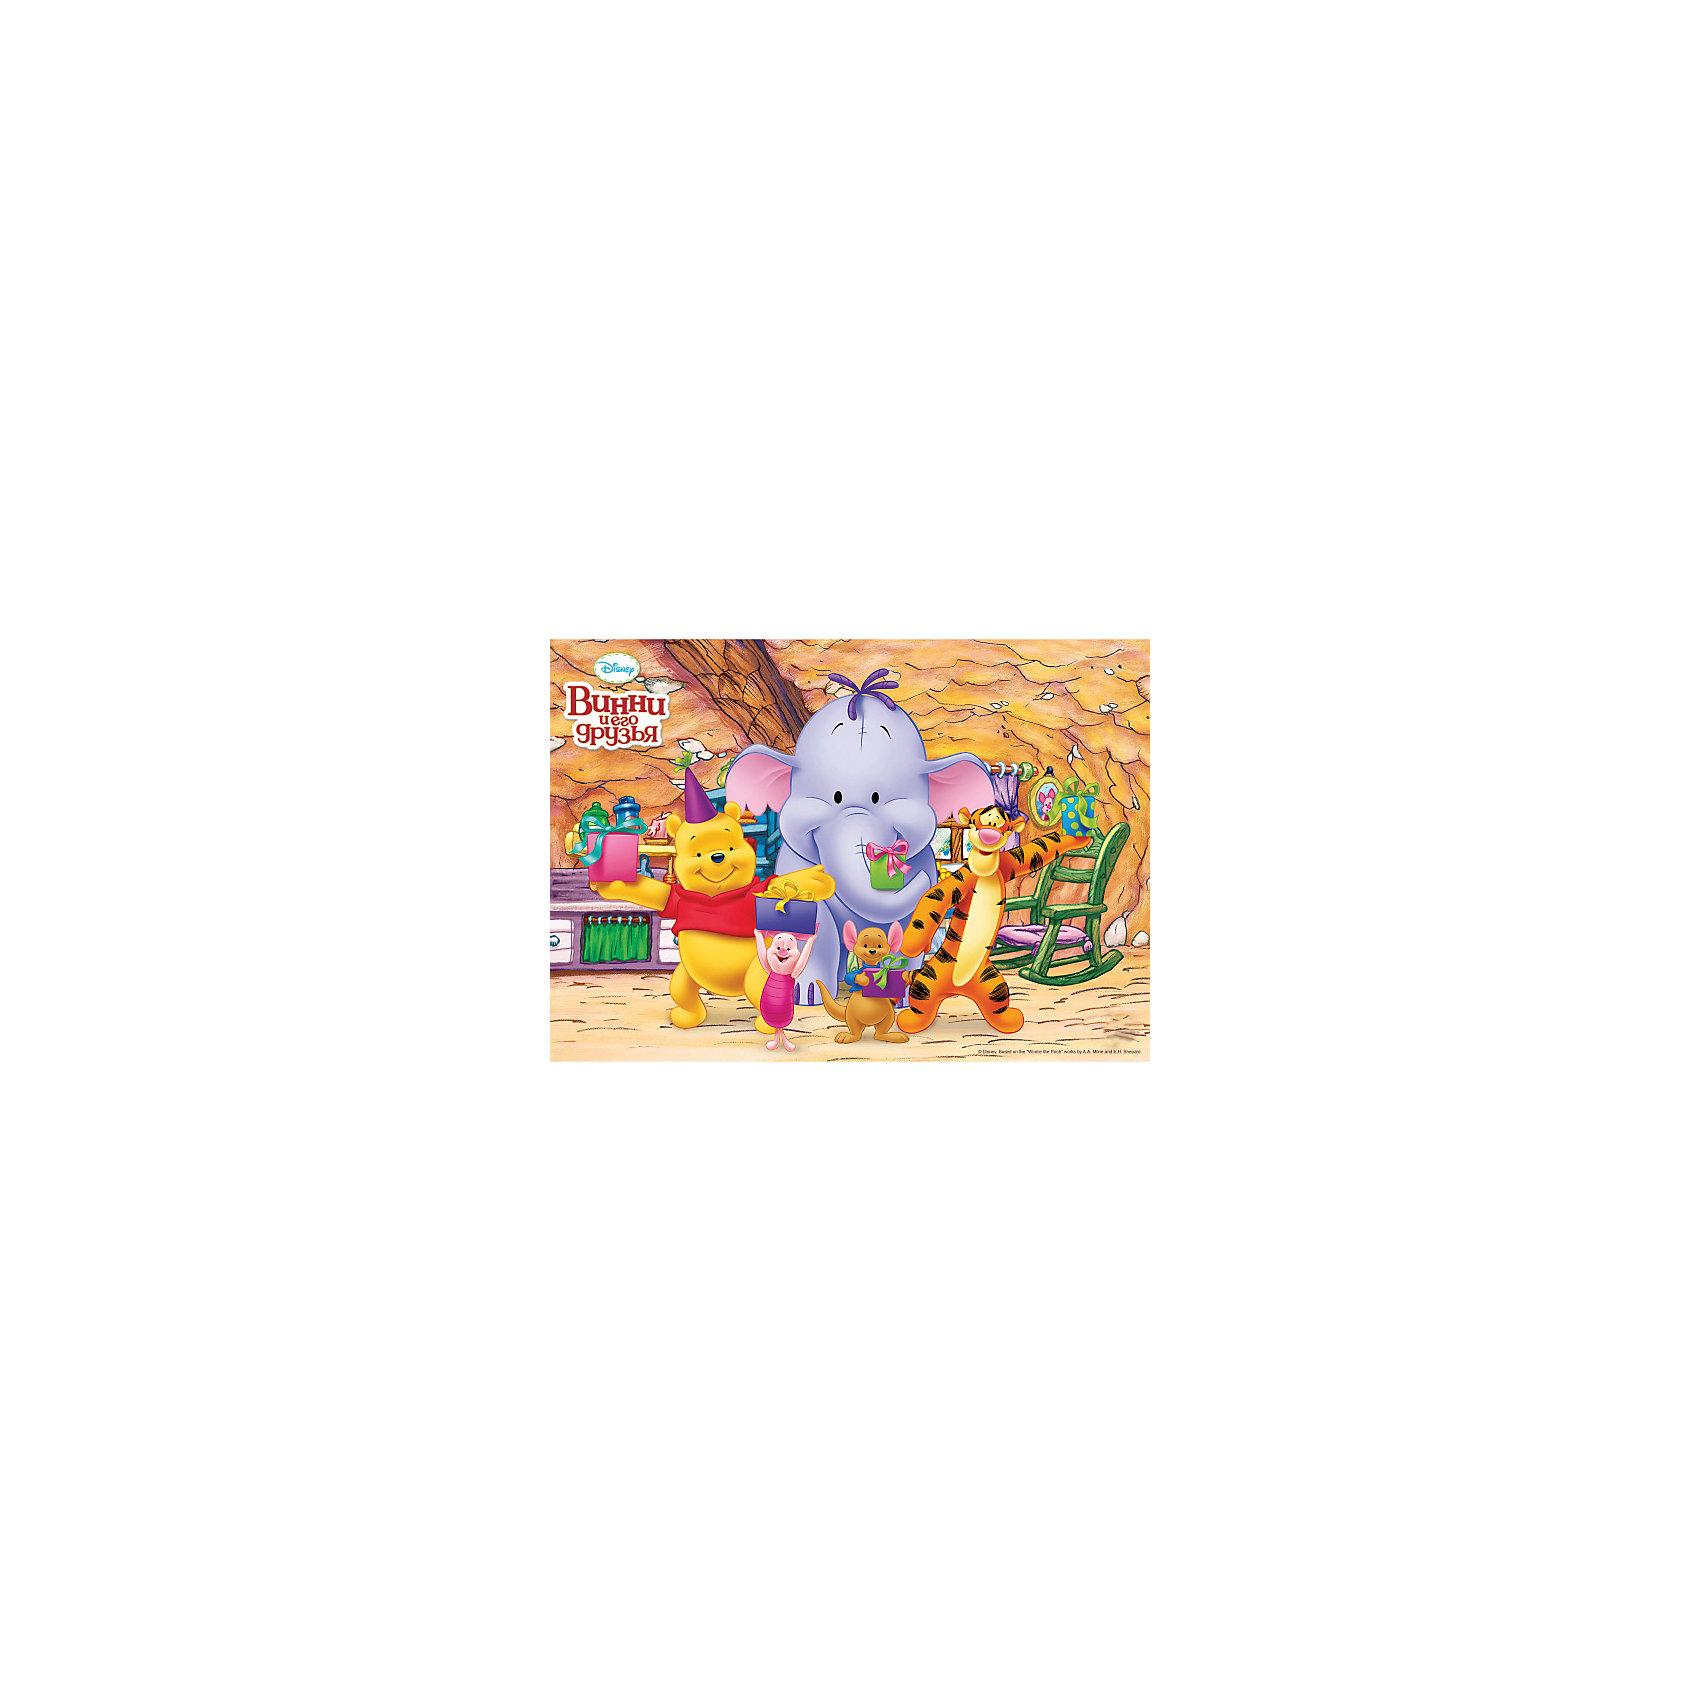 3D-наклейка Веселый праздник, Винни Пух ДиснейЗабавные герои популярных диснеевских мультфильмов о Винни-Пухе собрались поздравить Вашего малыша с днем рождения. С собой они принесли отличное настроение и, конечно же, подарки в нарядных коробочках. Красочная 3D-наклейка Веселый праздник, Винни Пух Disney, замечательно украсит комнату ребенка и поможет создать веселую праздничную атмосферу. Наклейка прочно крепится на стену с помощью специальных клеевых точек (входят в комплект). Выполнена из нетоксичного экологичного материала, не повреждает поверхность и безопасна для окрашенных стен. Подходят для поверхностей: дерево, плитка, металл, стекло, обои, пластик.<br><br>Дополнительная информация:<br><br>- Материал: пластик (ПЭТ).<br>- Размер: 35 х 50 см.<br>- Вес: 200 гр.<br><br>3D-наклейку Веселый праздник, Винни Пух Дисней, Decoretto, можно купить в нашем интернет-магазине.<br><br>Ширина мм: 350<br>Глубина мм: 480<br>Высота мм: 3<br>Вес г: 200<br>Возраст от месяцев: 36<br>Возраст до месяцев: 72<br>Пол: Унисекс<br>Возраст: Детский<br>SKU: 4243311